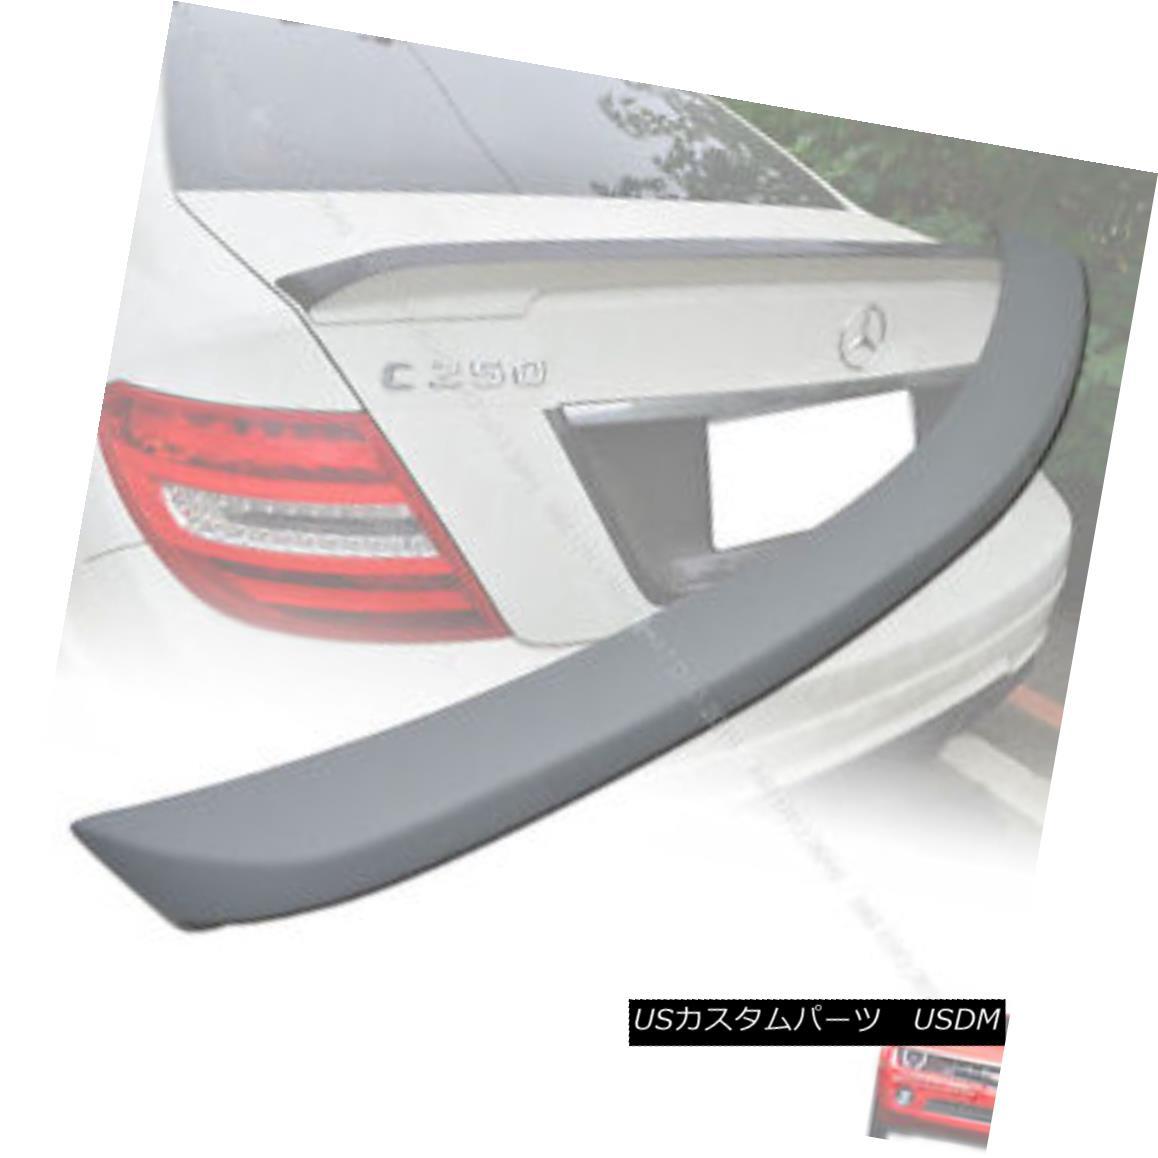 エアロパーツ Unpainted Mercedes BENZ W204 C-class Sedan DTO-Type Rear Trunk Spoiler 08-13 § 未塗装メルセデスベンツW204 CクラスセダンDTO型リアトランク・スポイラー08-13